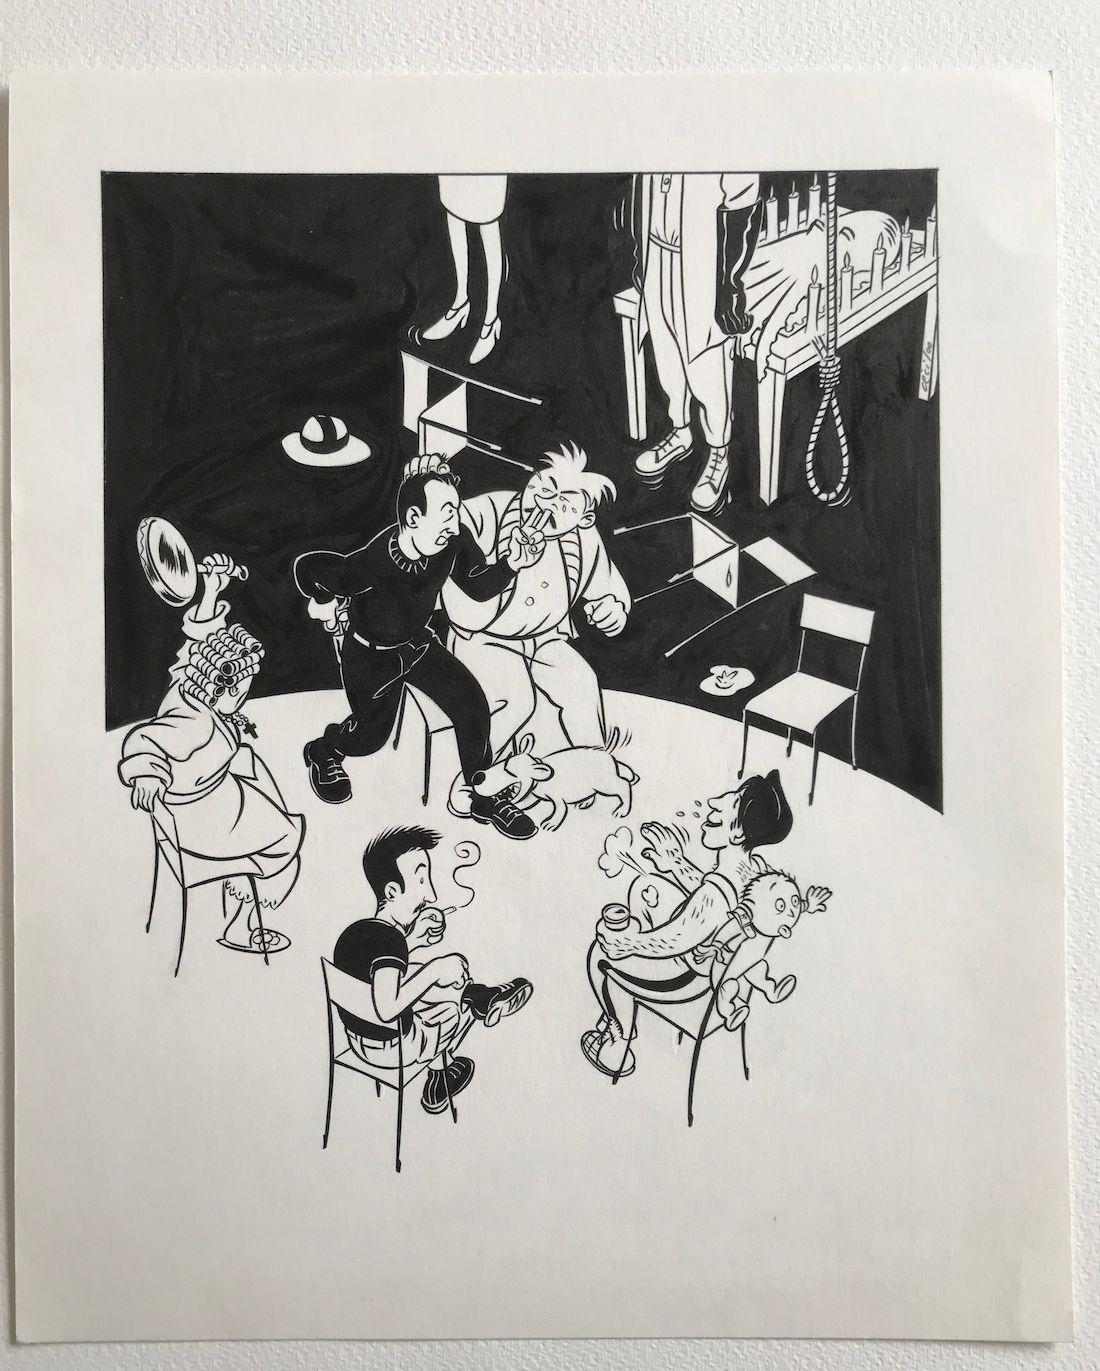 30 ans d'édition, par Sébastien Gnaedig, Chapitre 21 : mes voisins sont formidables © Cecil